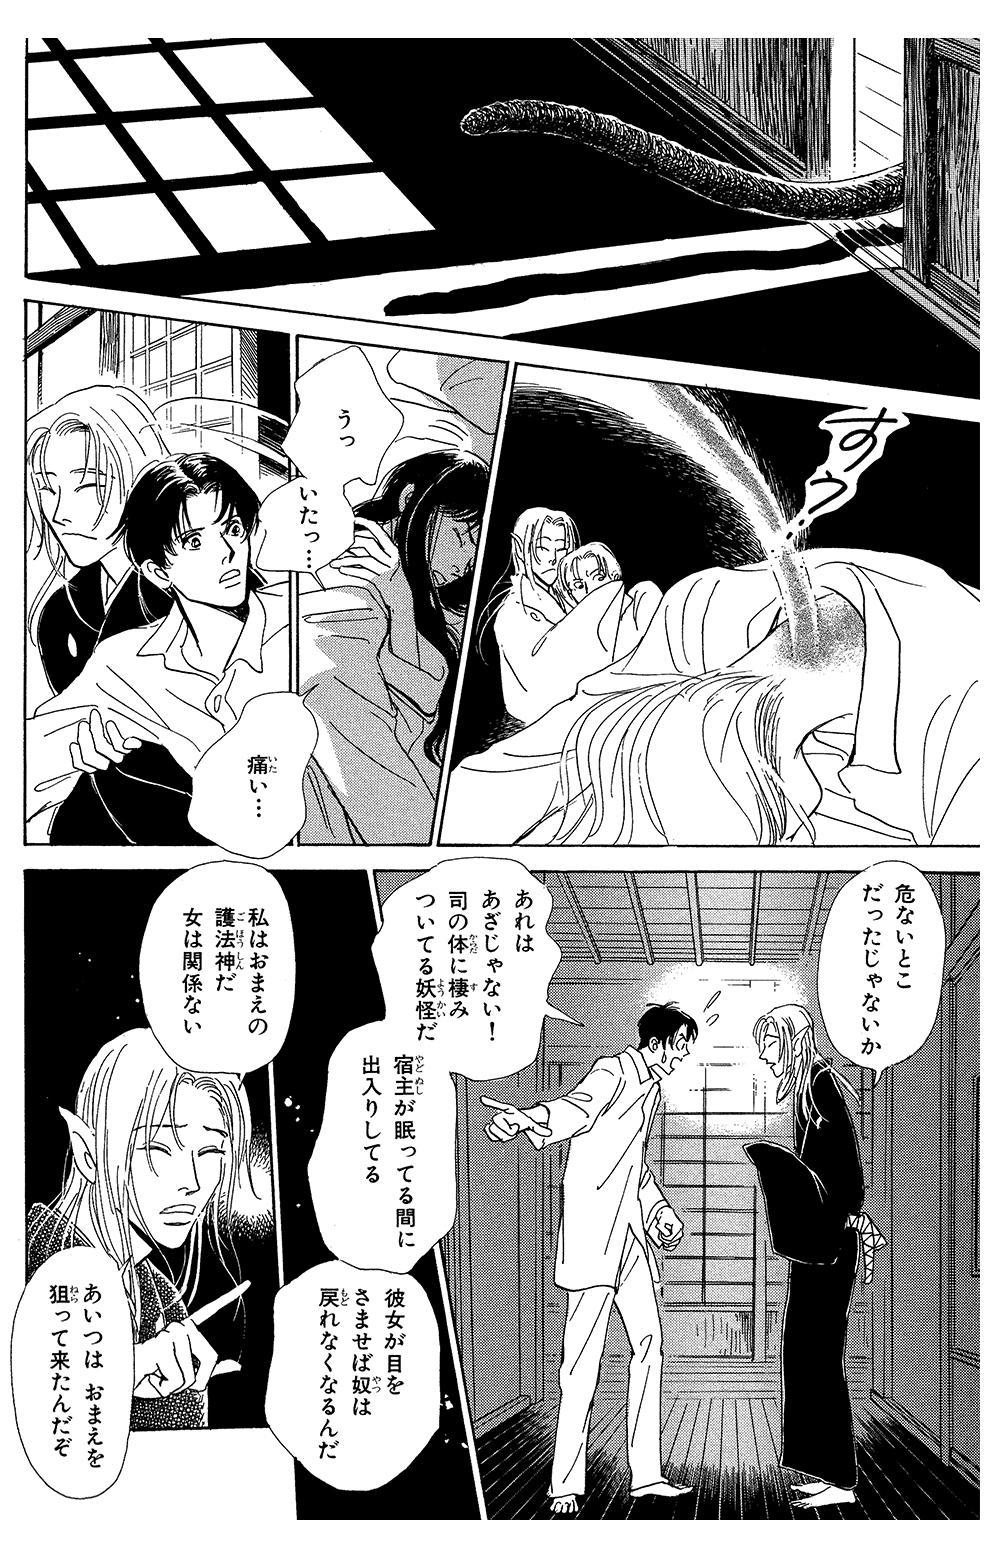 百鬼夜行抄 第1話「闇からの呼び声」③hyakki1-3-13.jpg